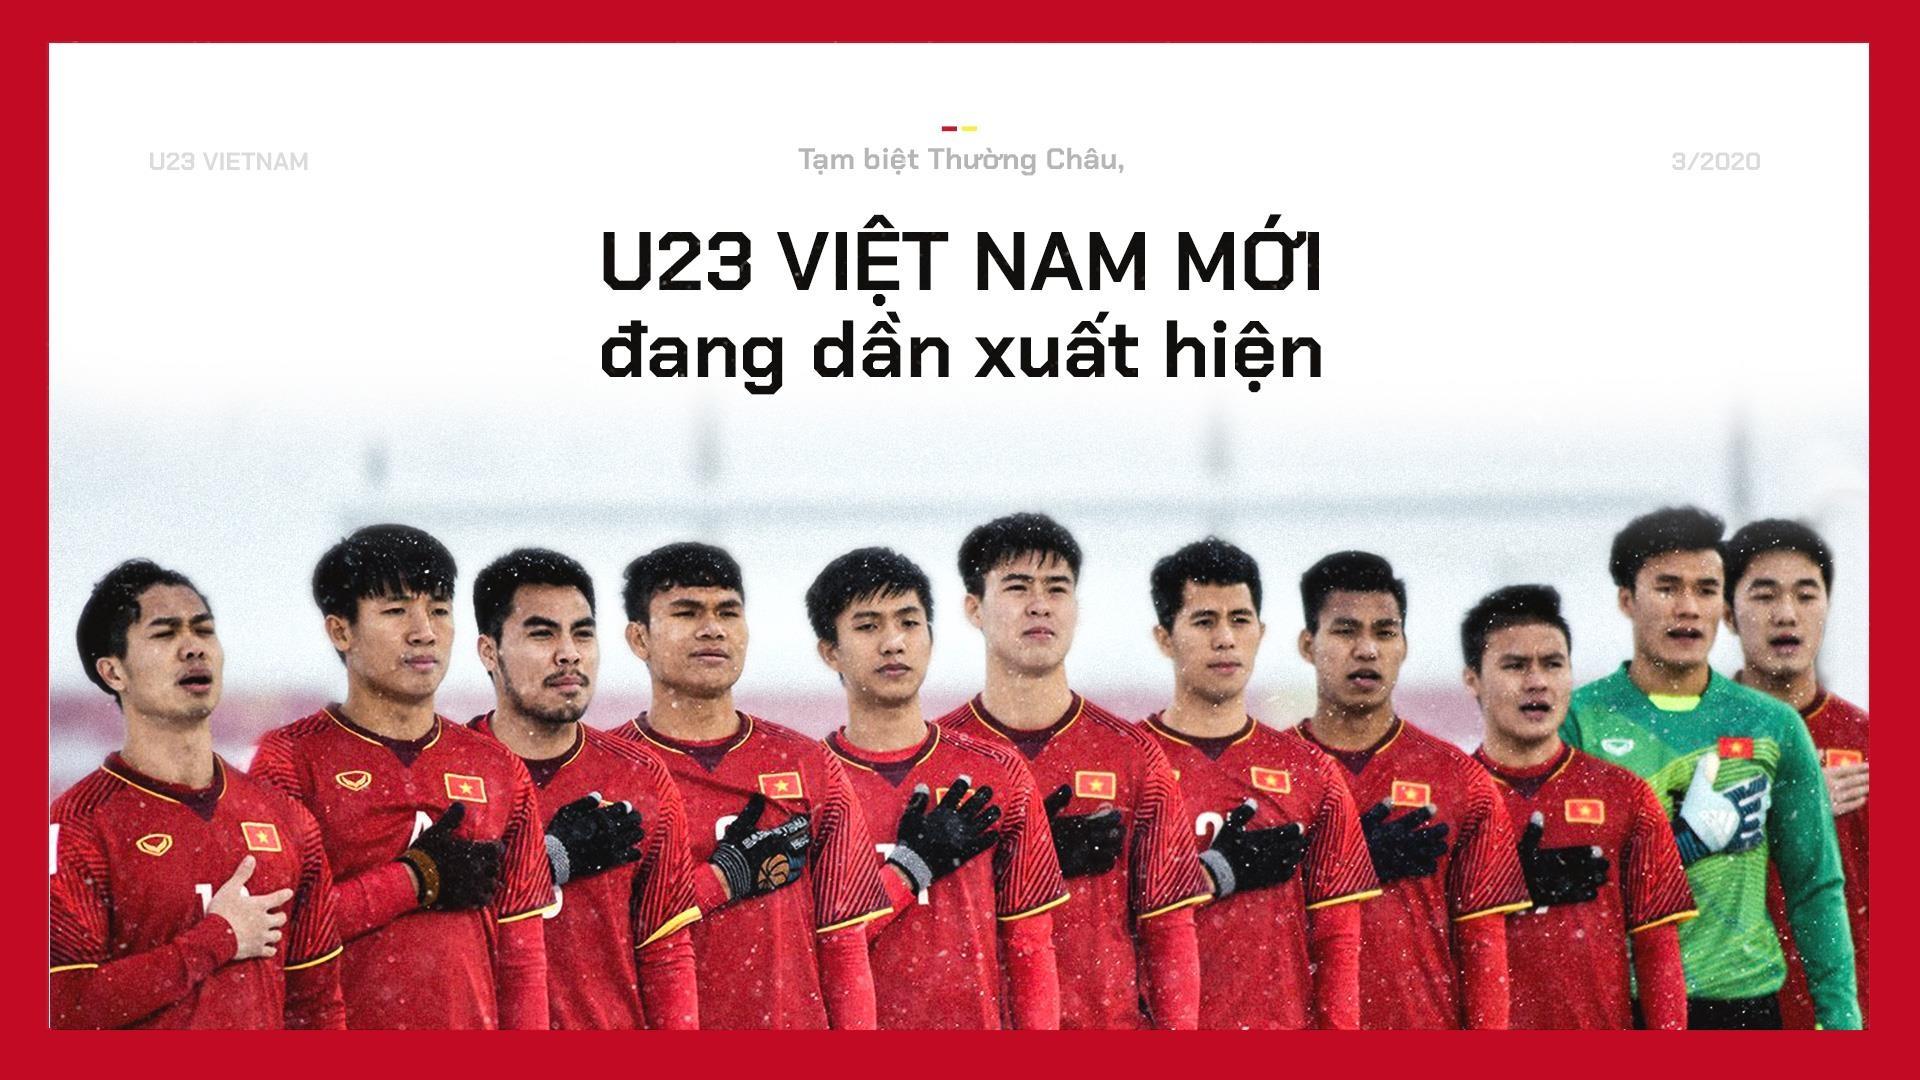 Tam biet Thuong Chau, U23 Viet Nam moi dang dan xuat hien hinh anh 2